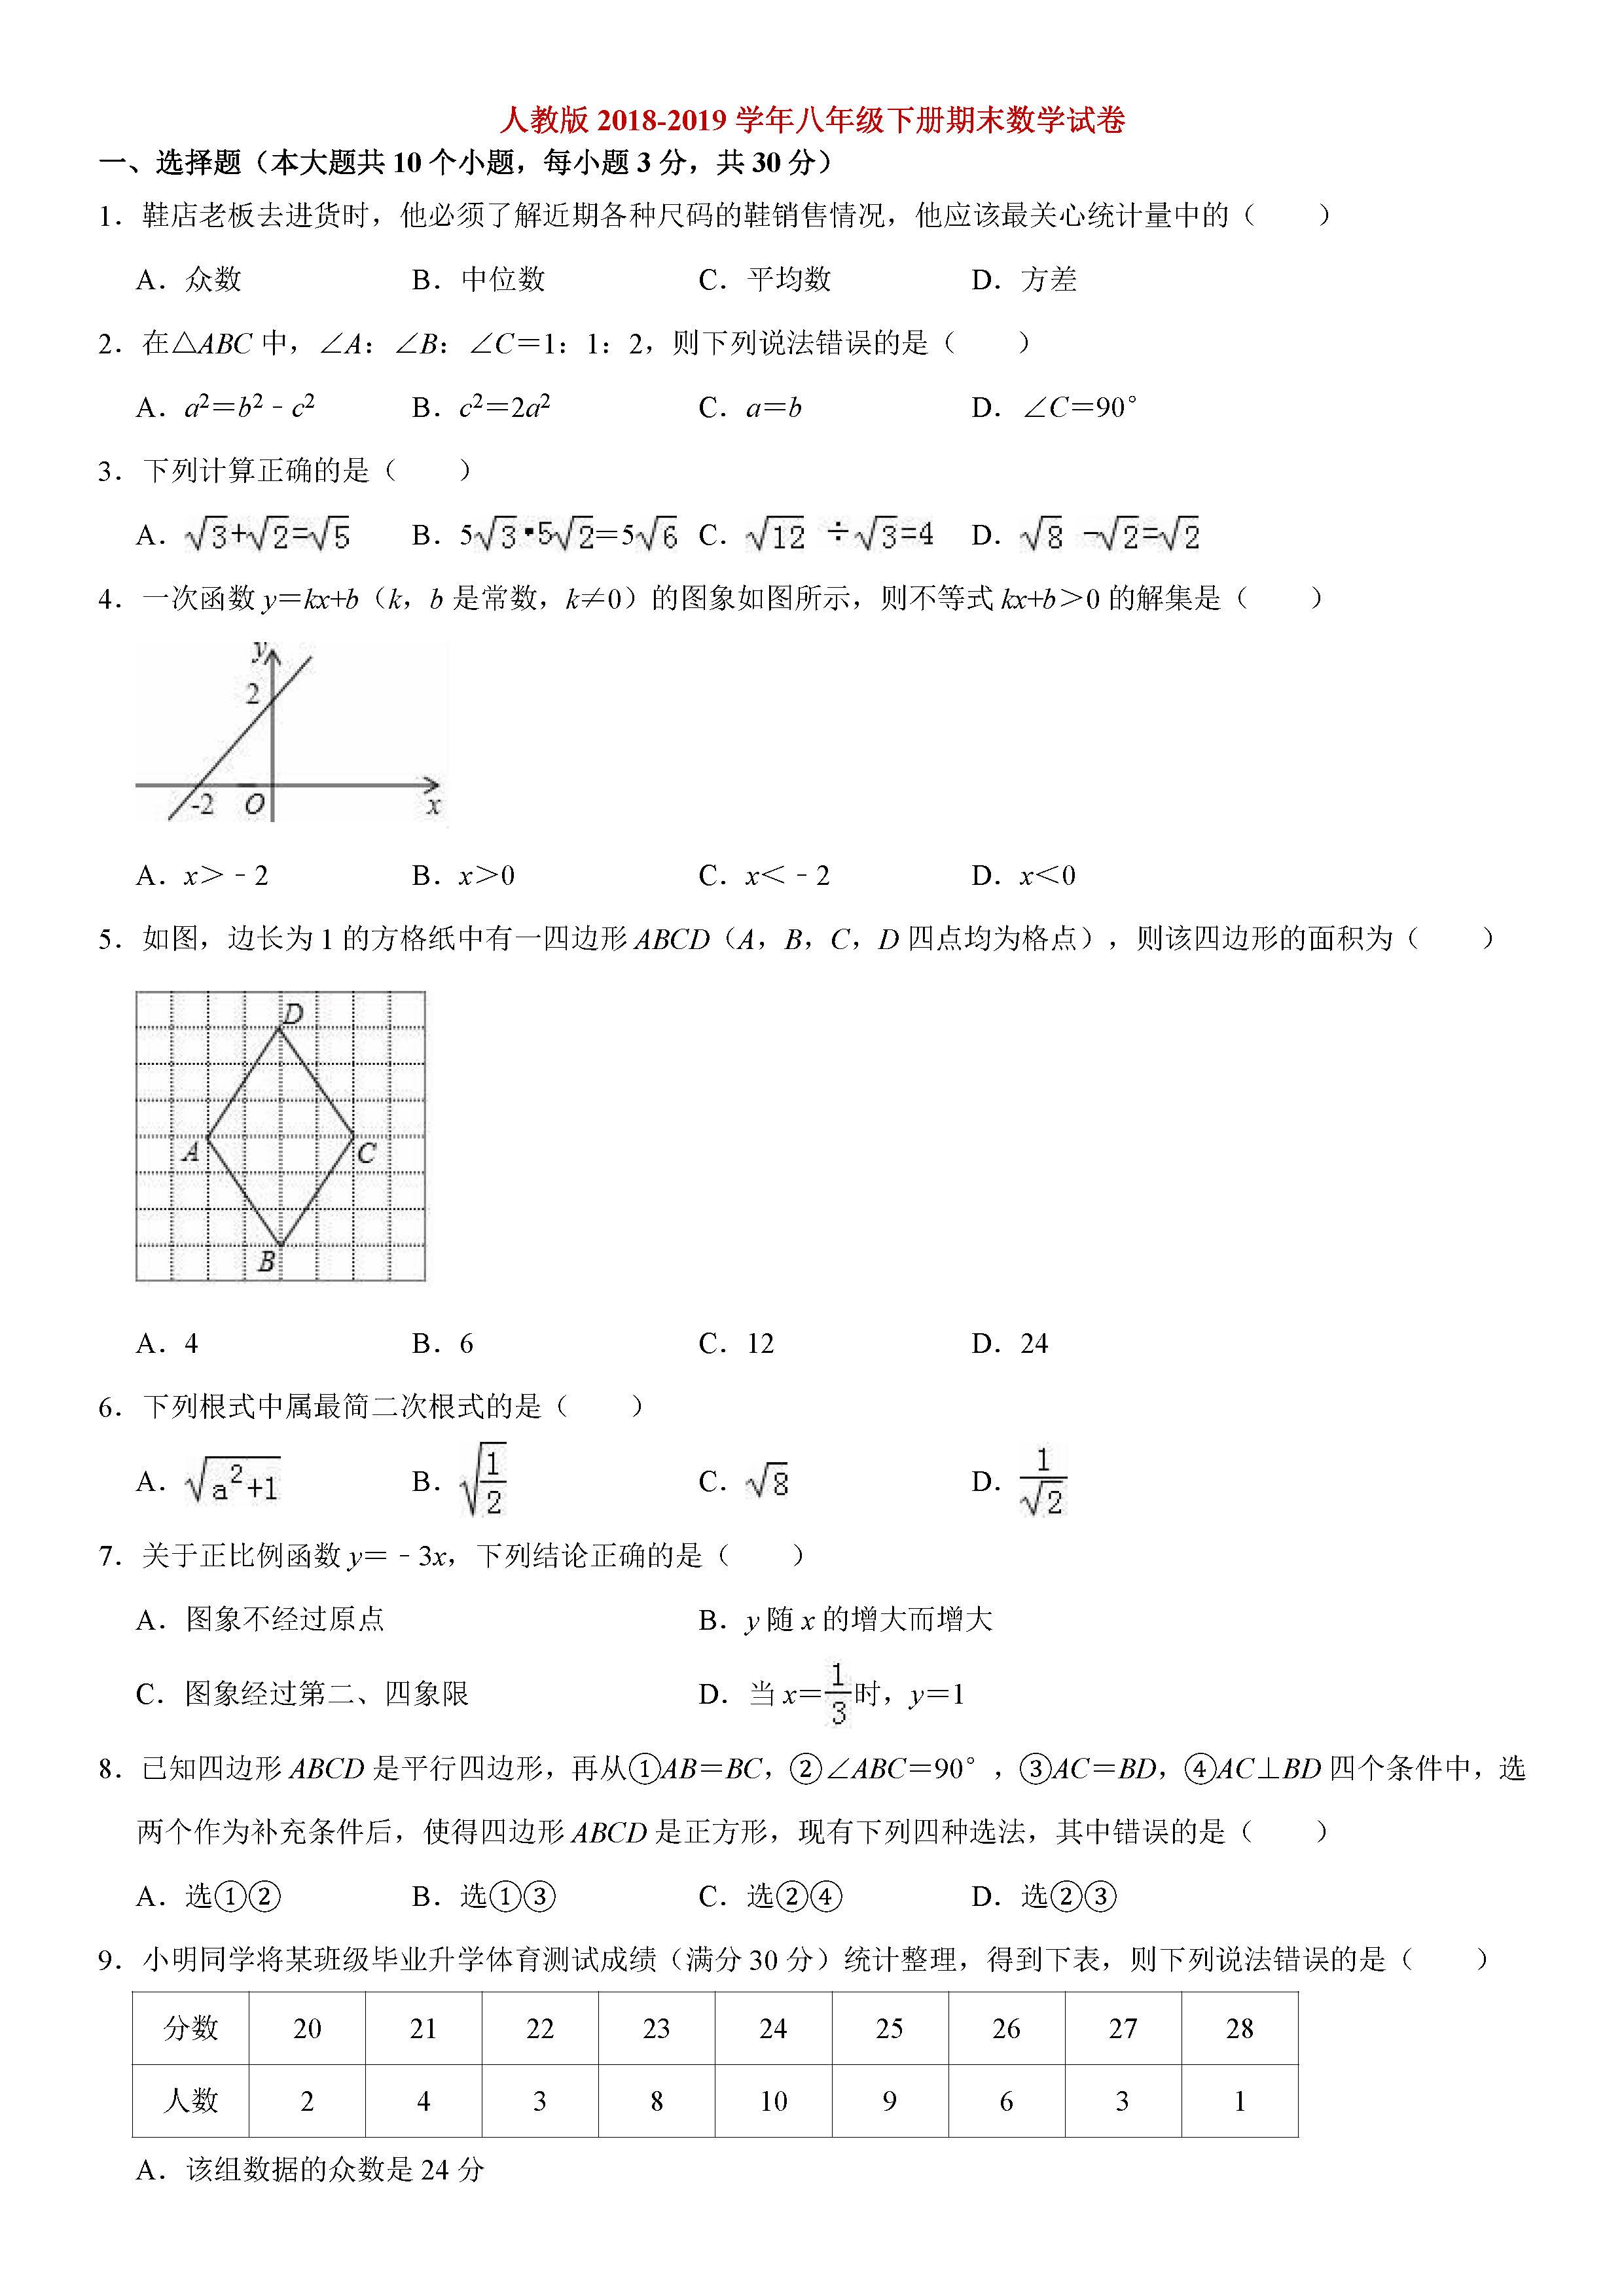 人教版2018-2019八年级数学下册期末测试题(含试题解析)